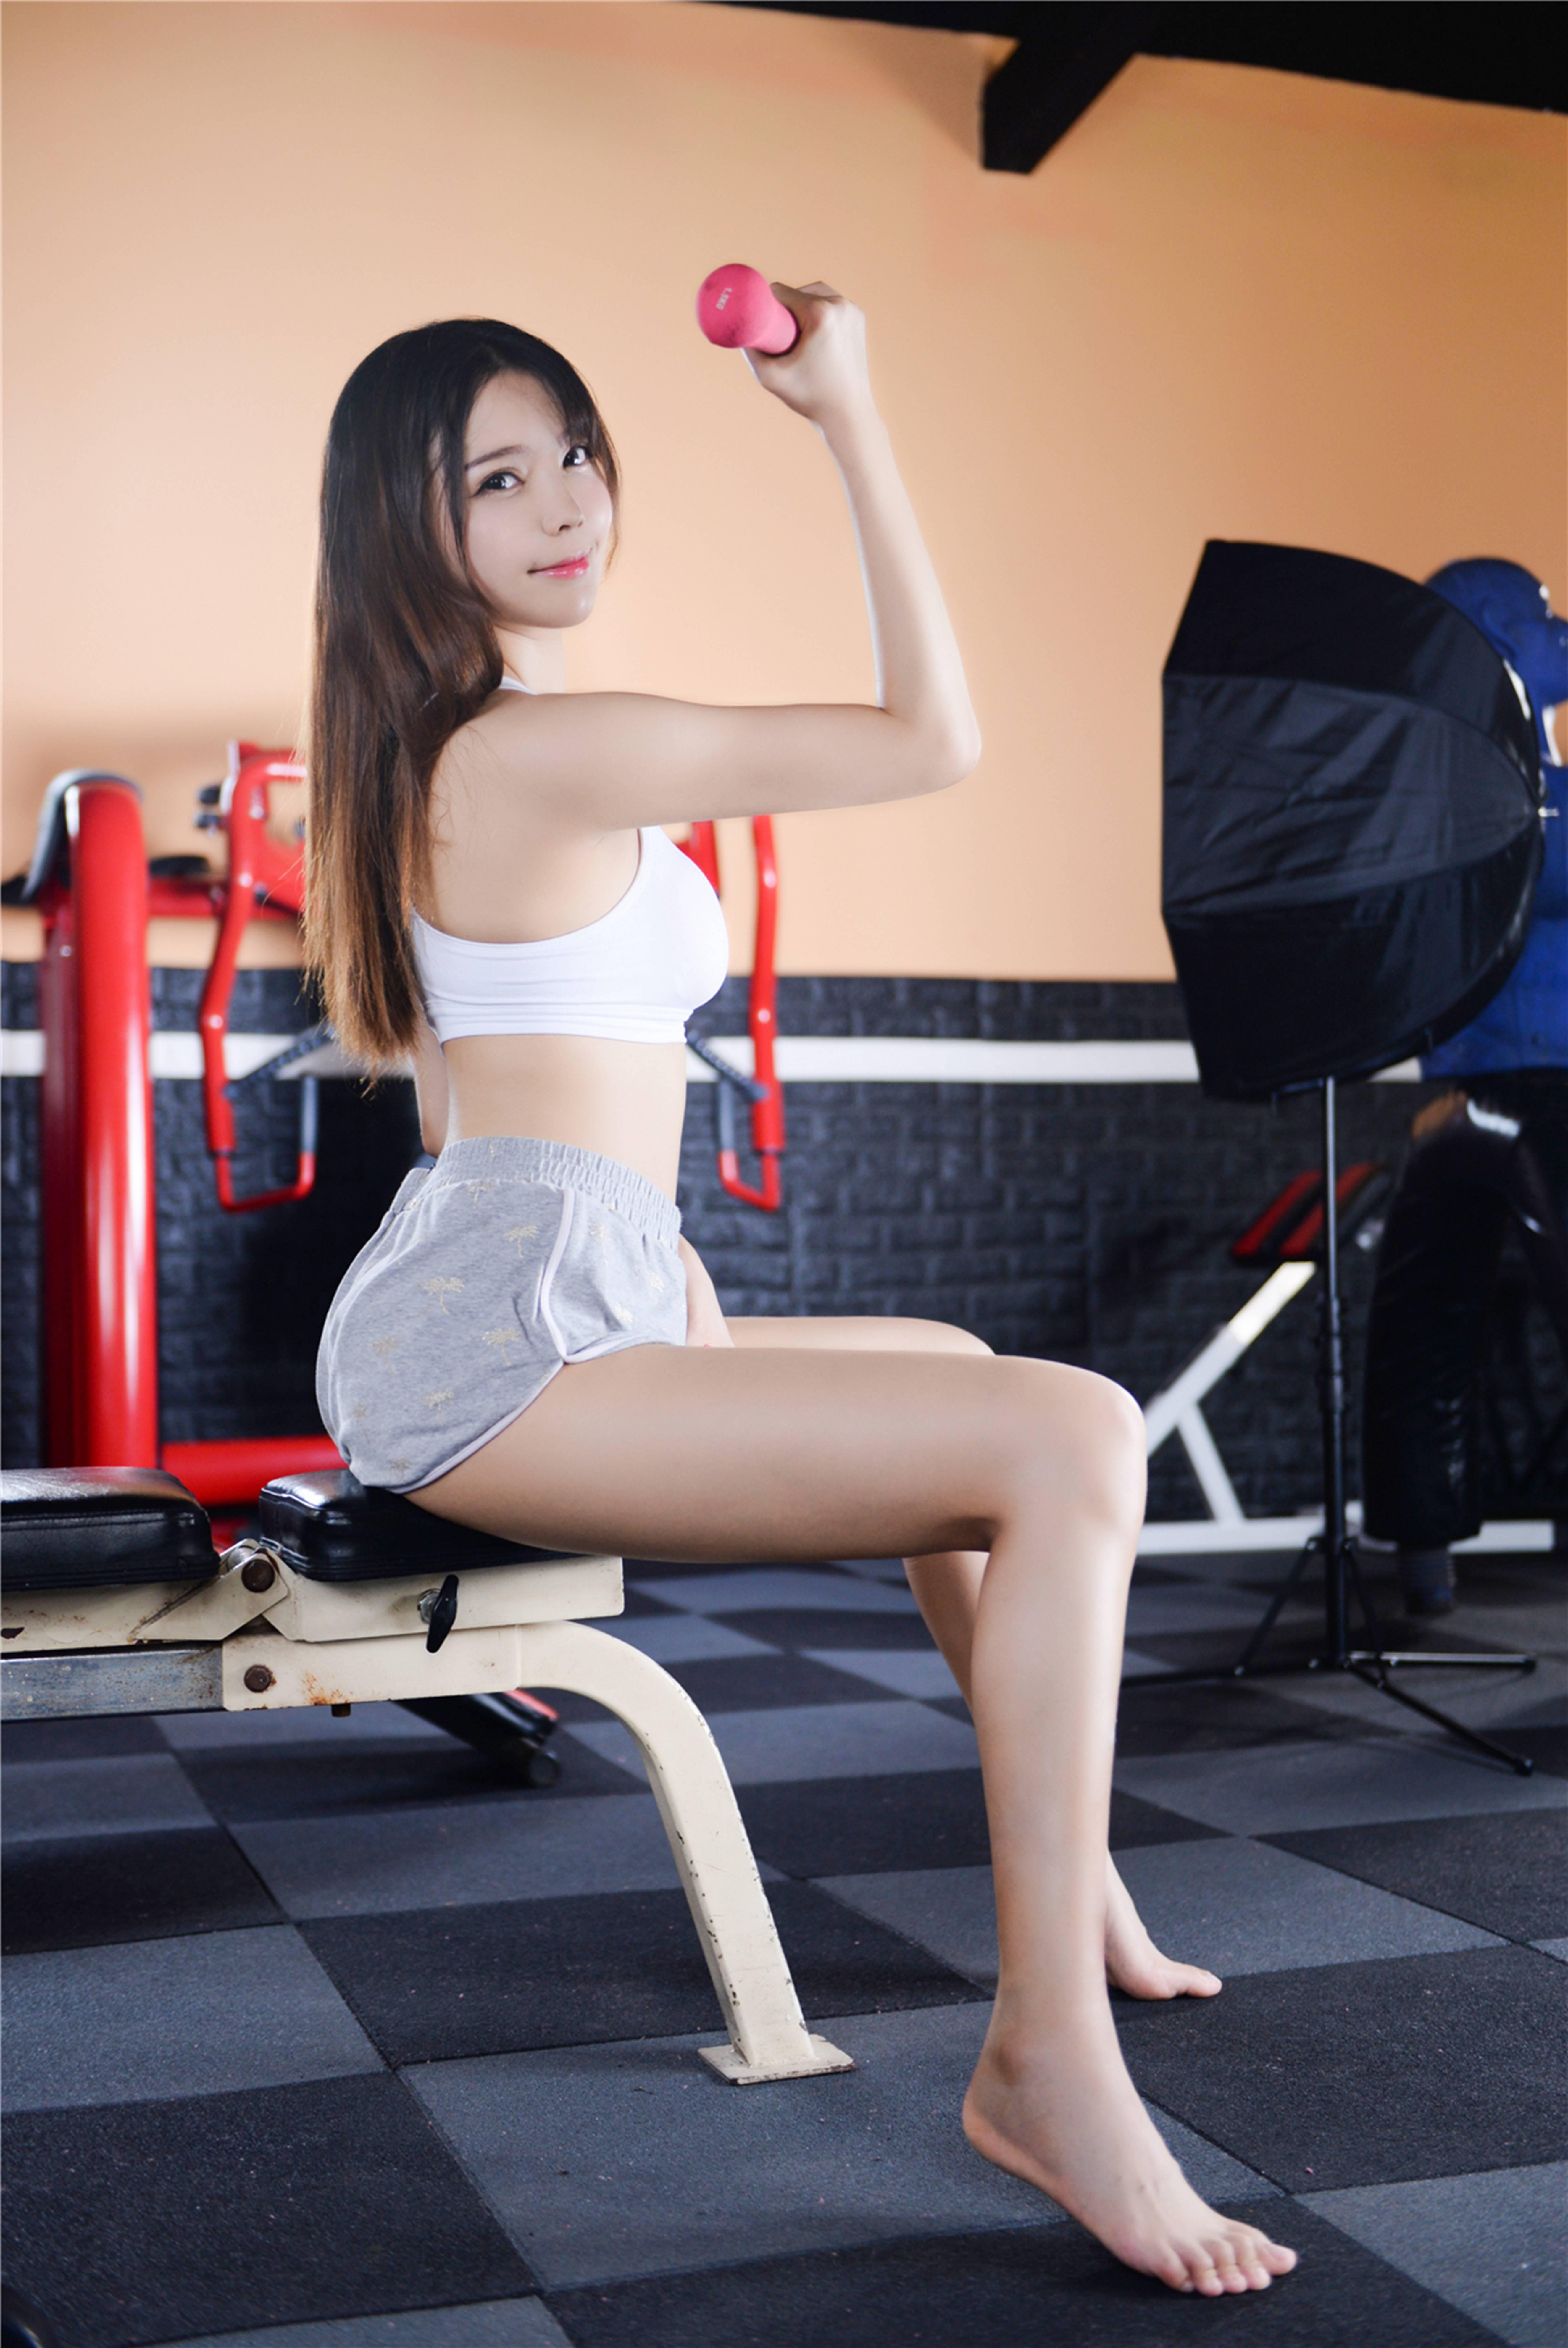 风之领域 0208之爱健身的美少女,形象气质俱佳!